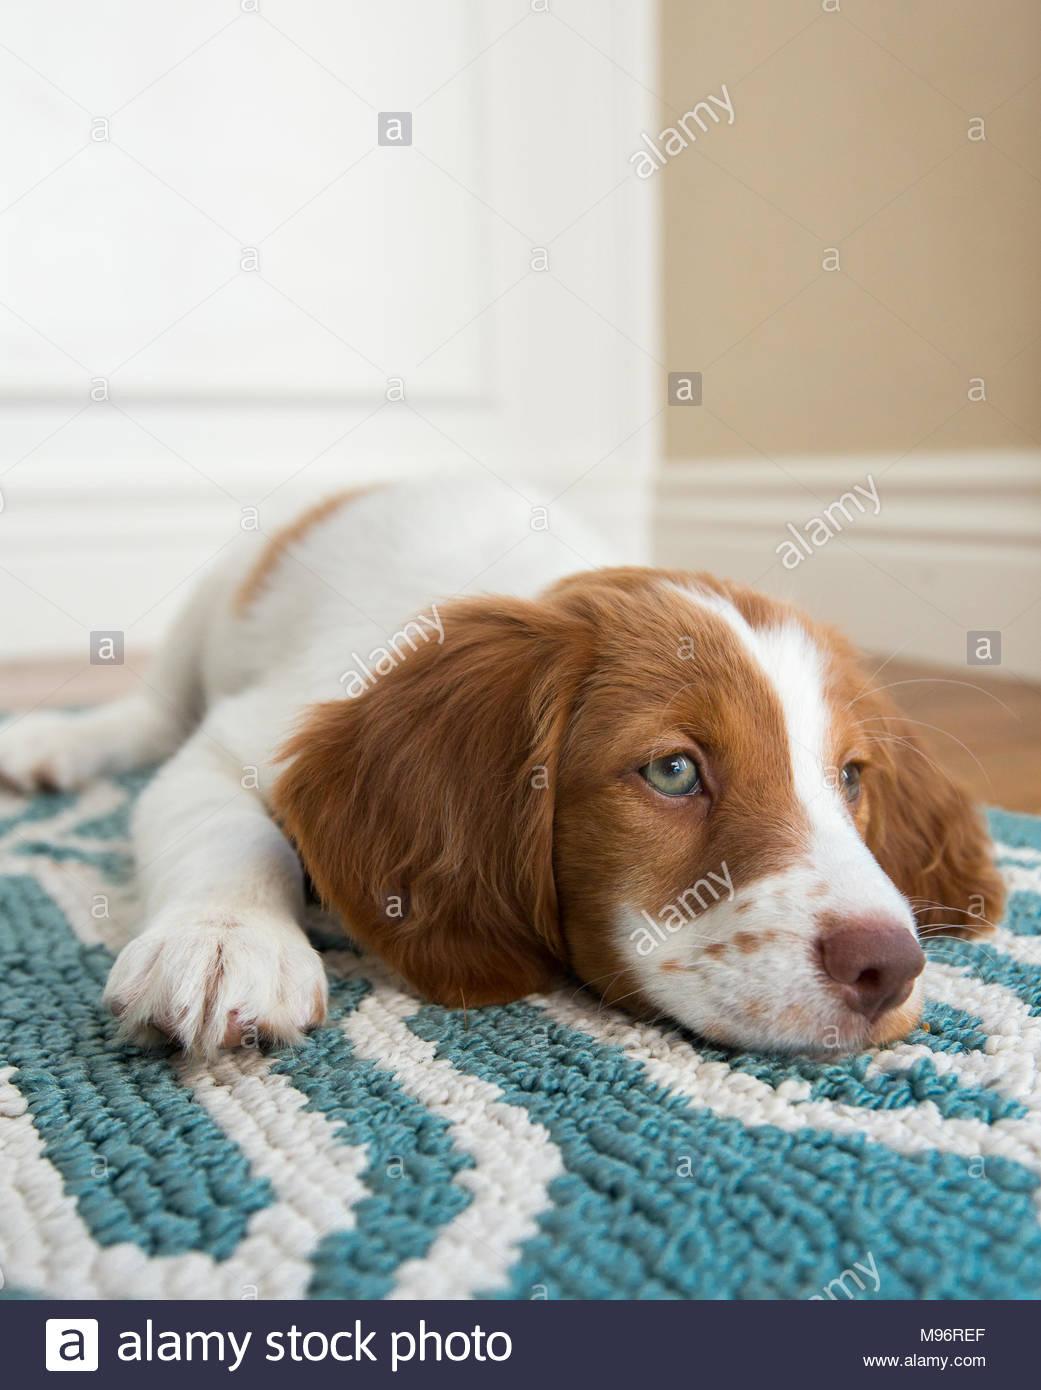 Cute Brittany Spaniel Welpen mit blauen Augen lügen auf blaue und weiße Wolldecke mit Kinn auf dem Boden Stockbild